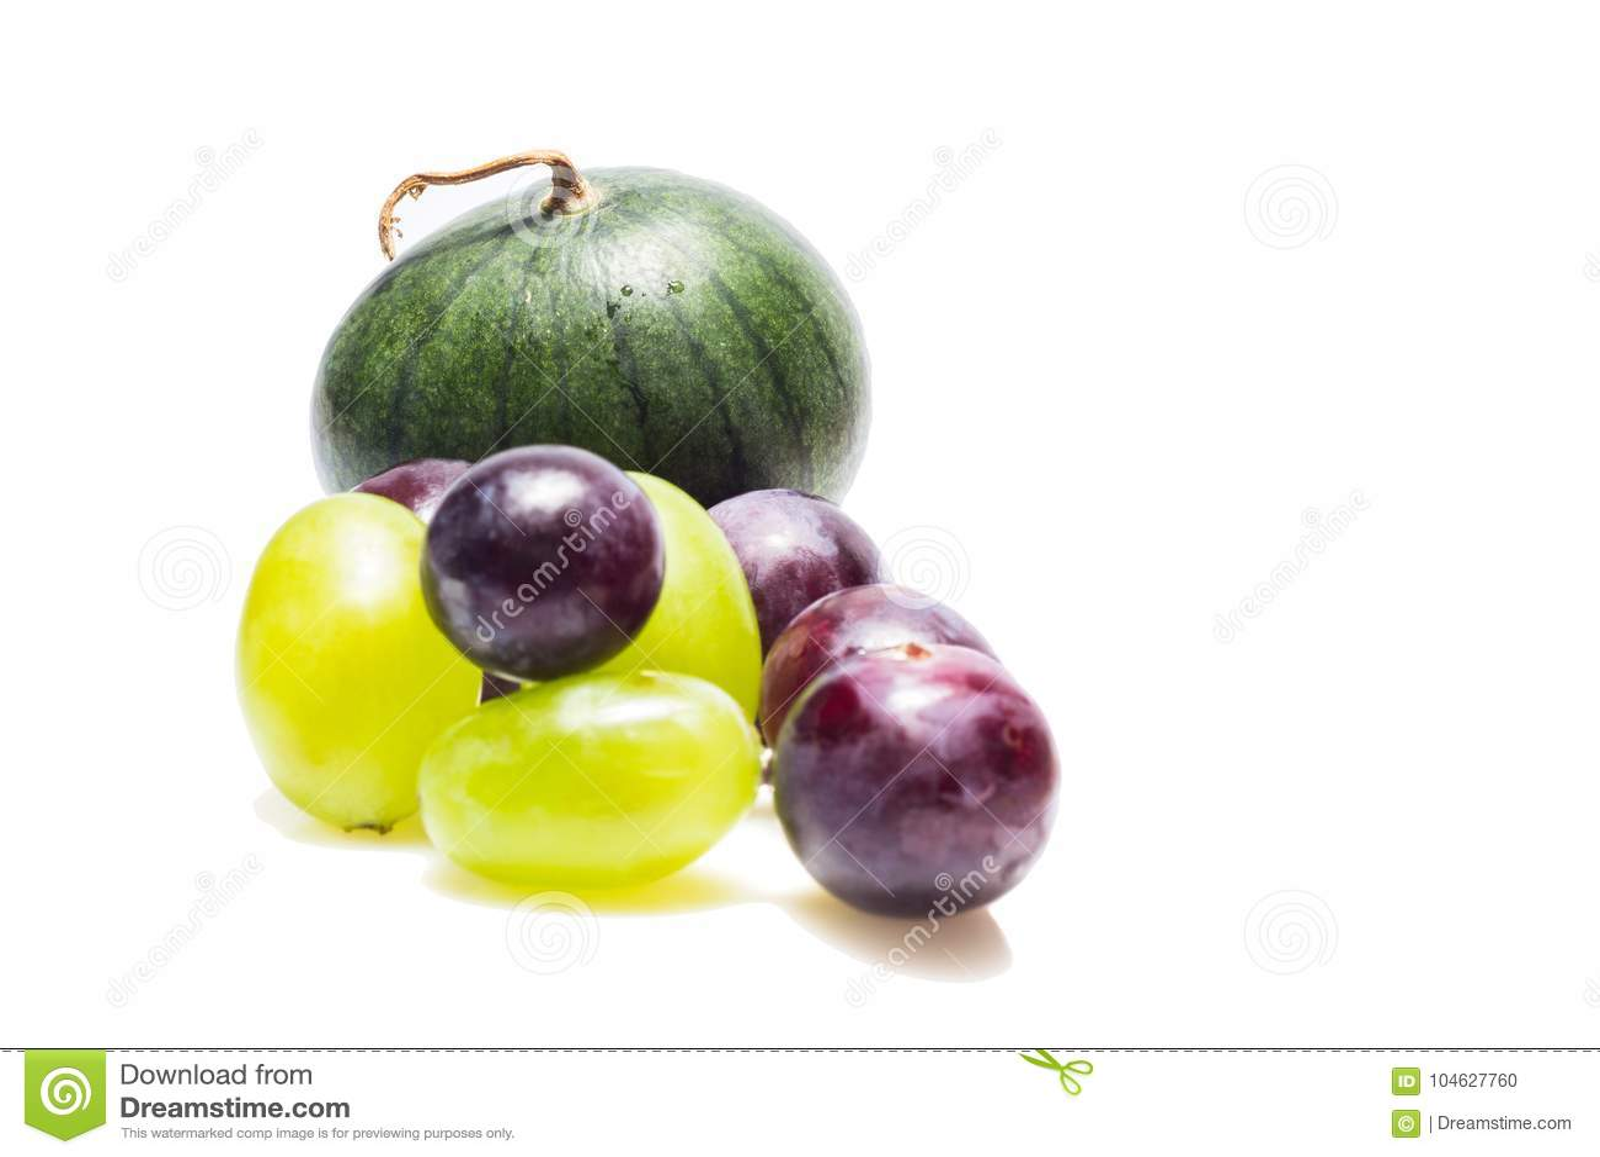 Download Watermeloen En Druiven Op Een Witte Achtergrond Stock Foto - Afbeelding bestaande uit verscheidenheid, voedsel: 104627760